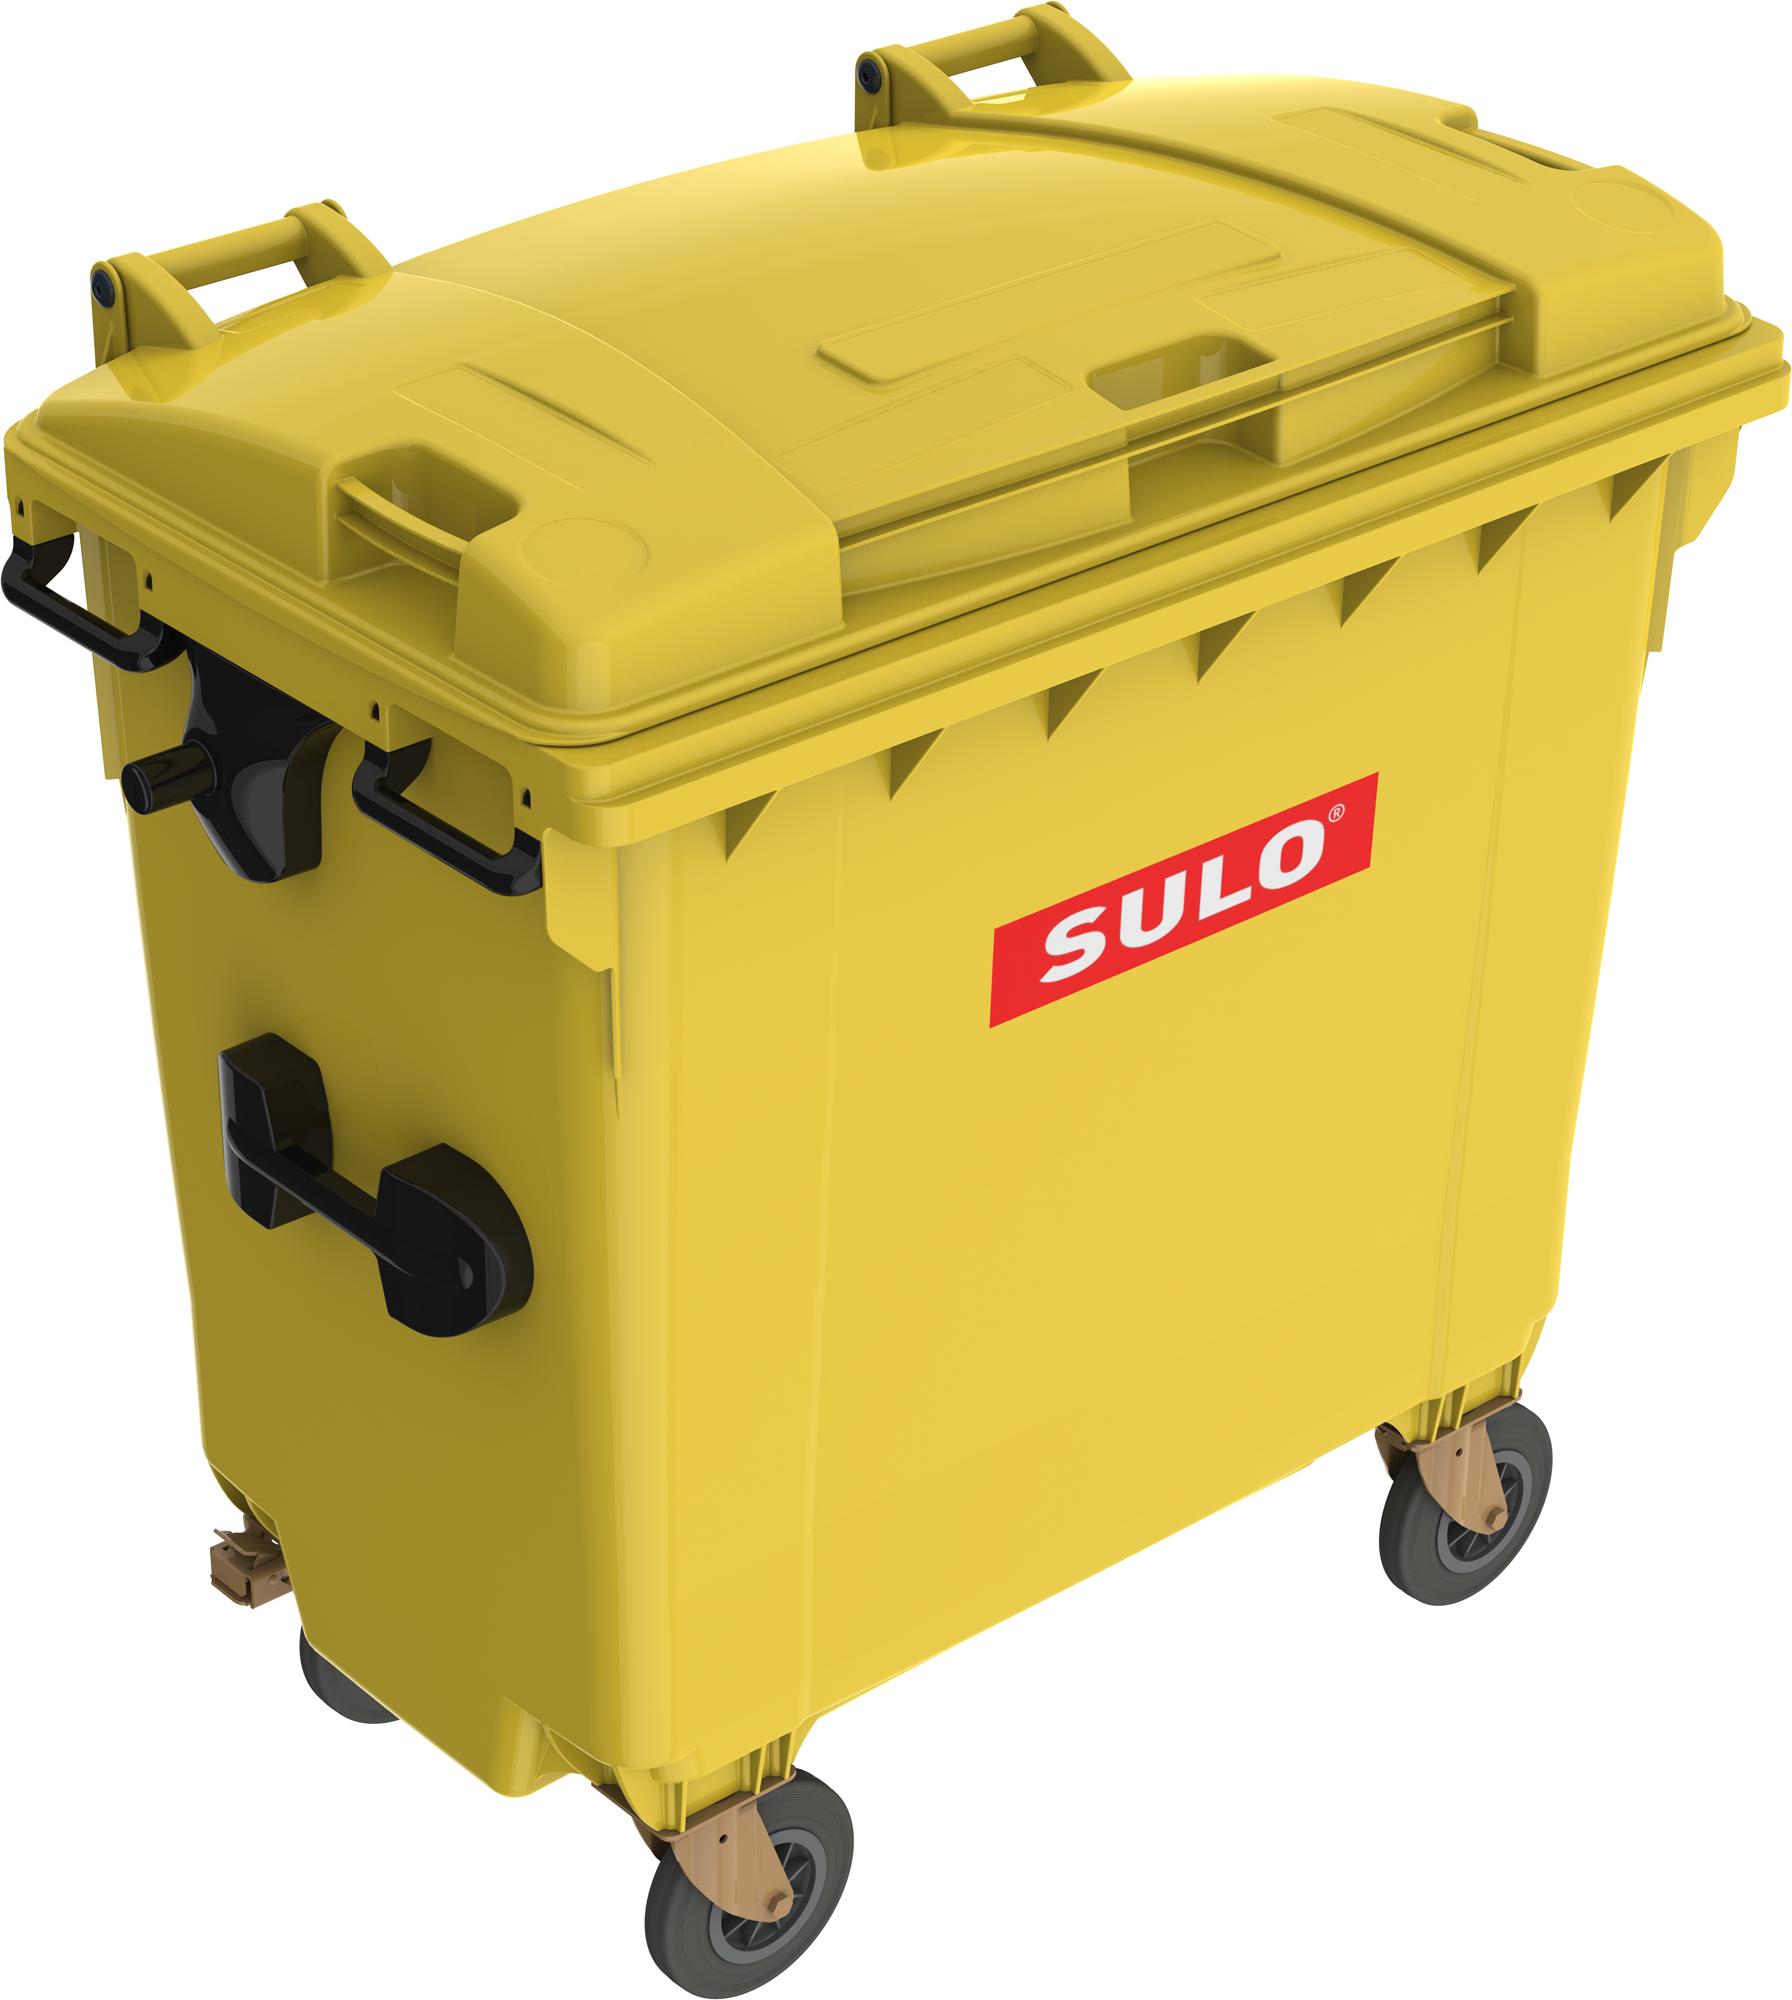 Eurocontainer Din Material Plastic 770 L Galben Cu Capac Plat Mevatec - Transport Inclus 2021 sanito.ro